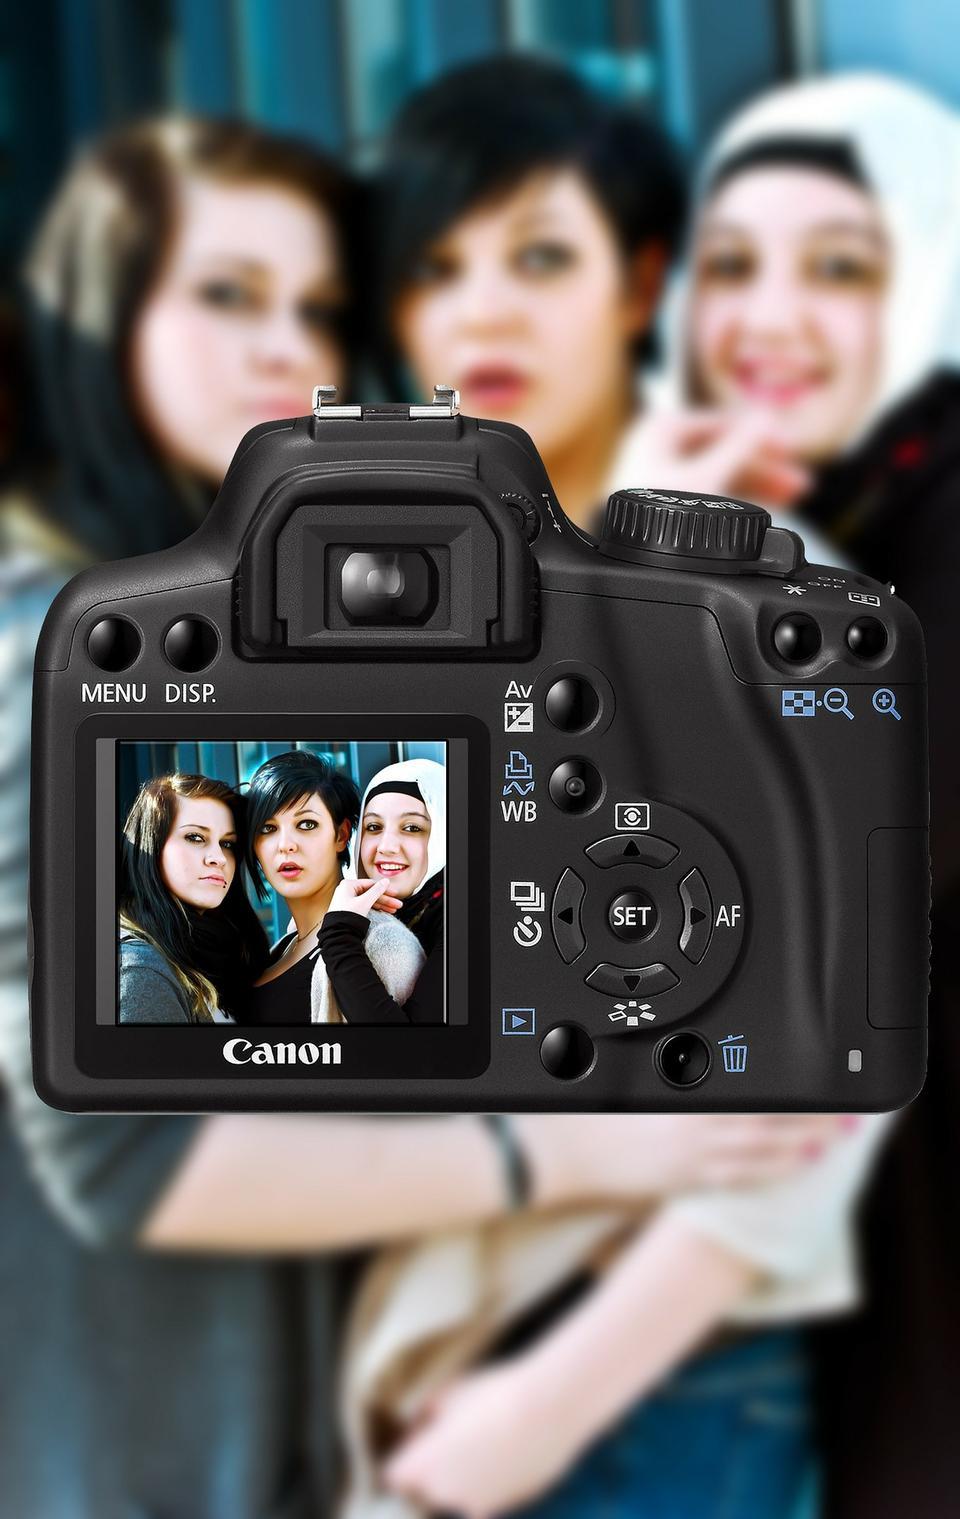 相機的取景微距拍攝,重點在三個女人